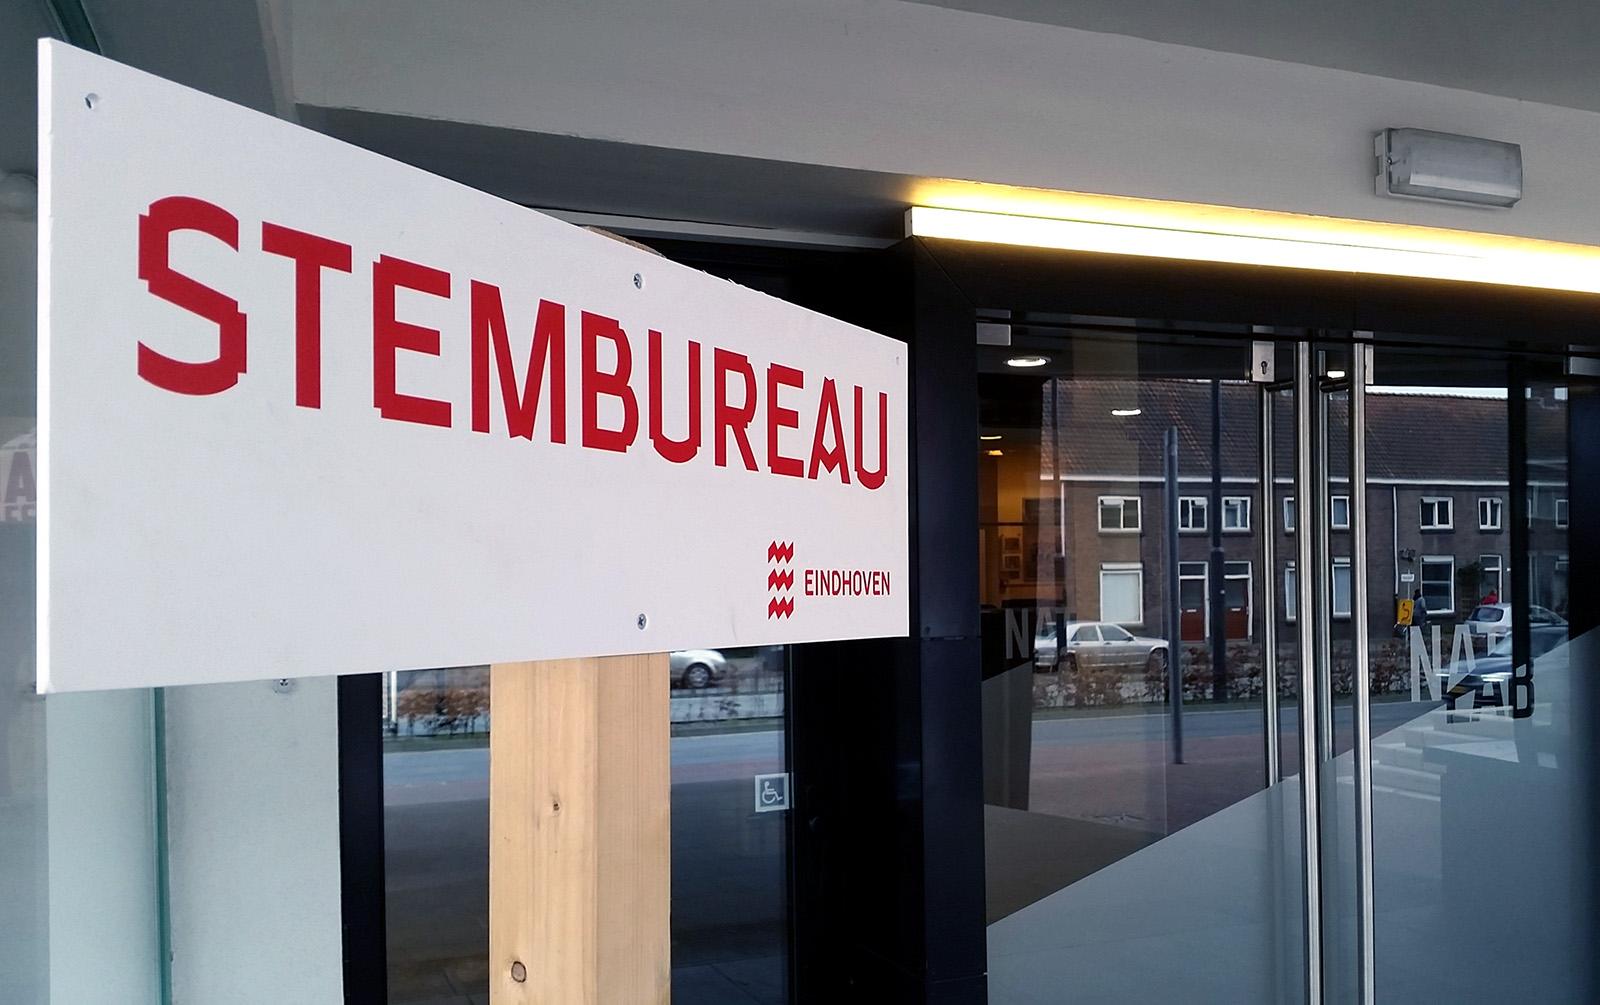 Stembureau Natlab Eindhoven